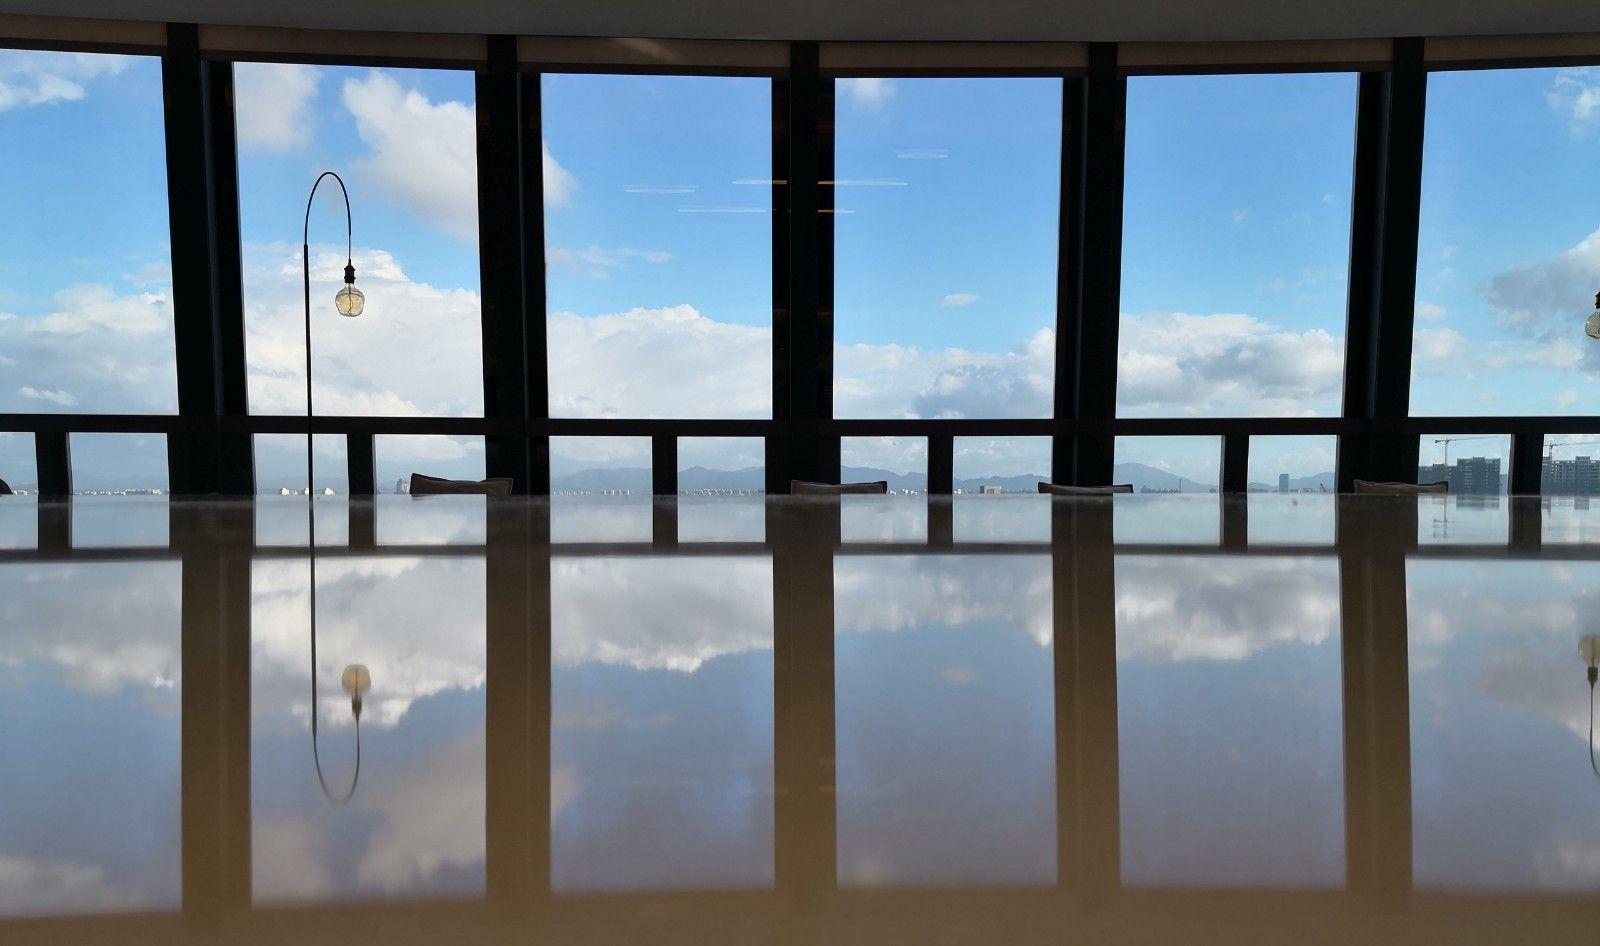 天空之镜·宁波财富中心天际会所 | 中赫空间设计